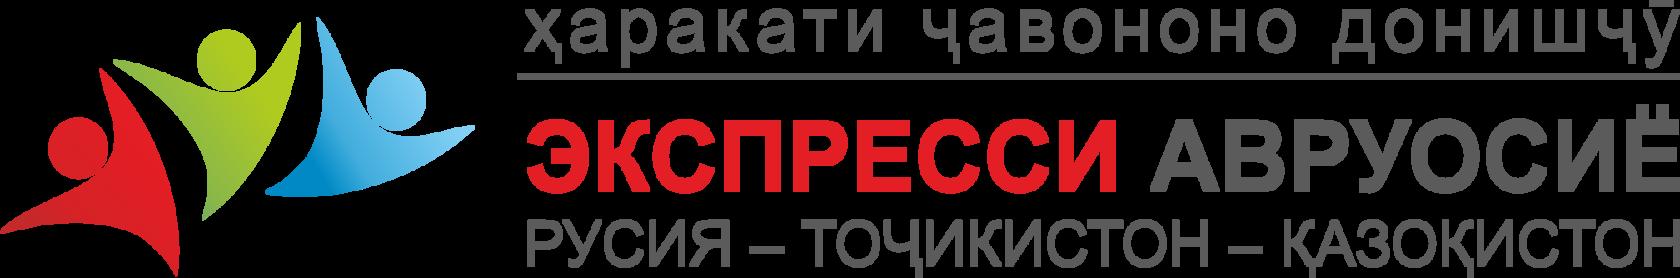 Евразийский экспресс